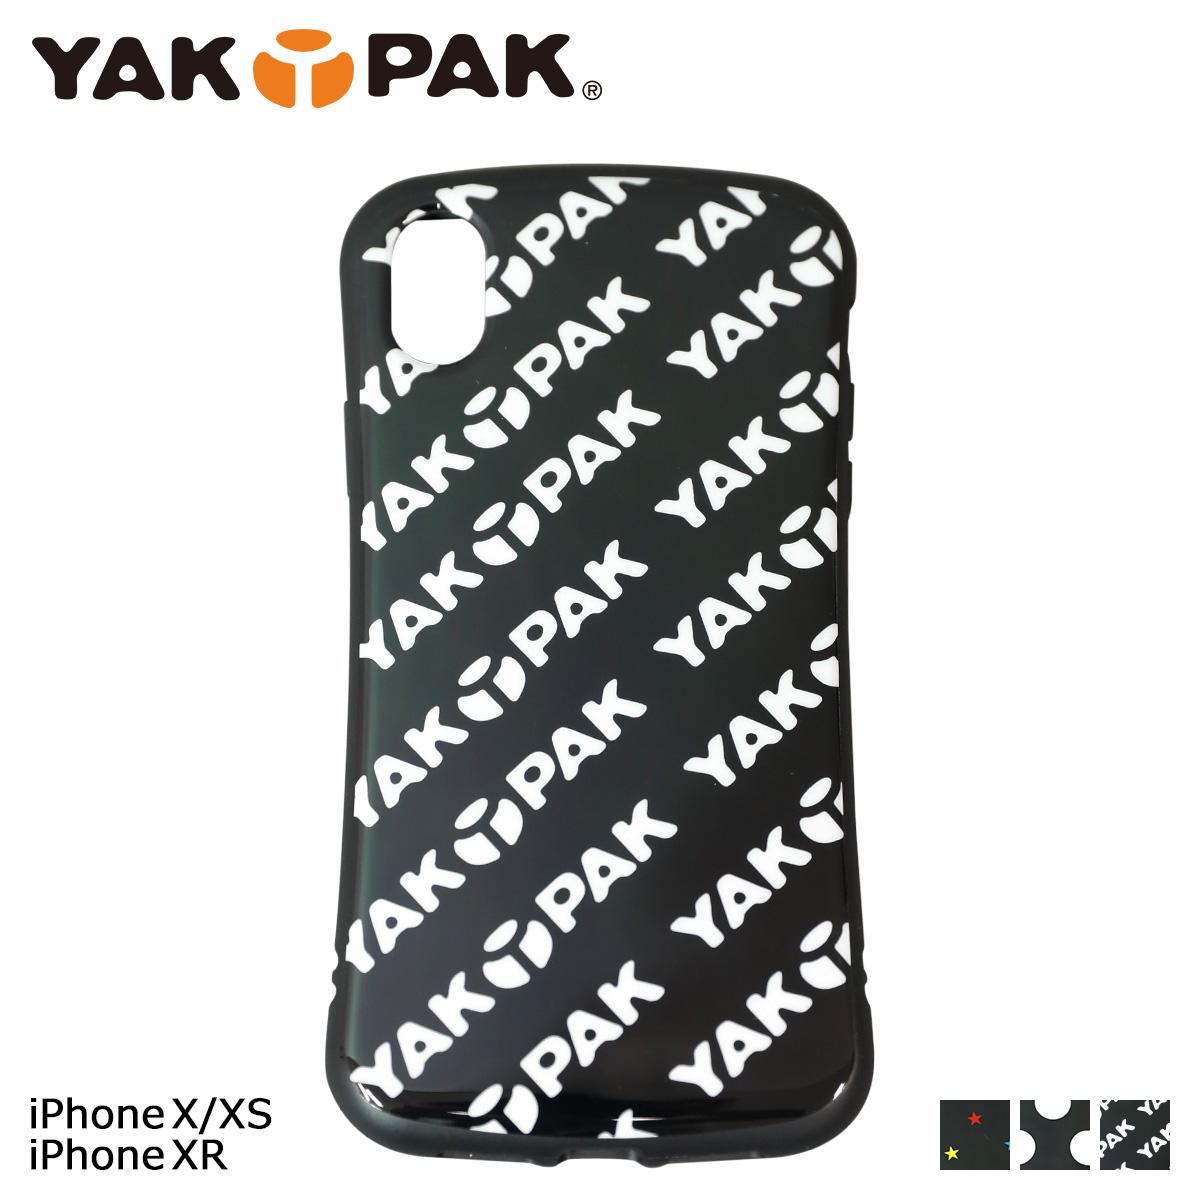 ヤックパック YAKPAK iPhone XR XS X ケース スマホ 携帯 アイフォン スマートフォン メンズ レディース ネコポス可